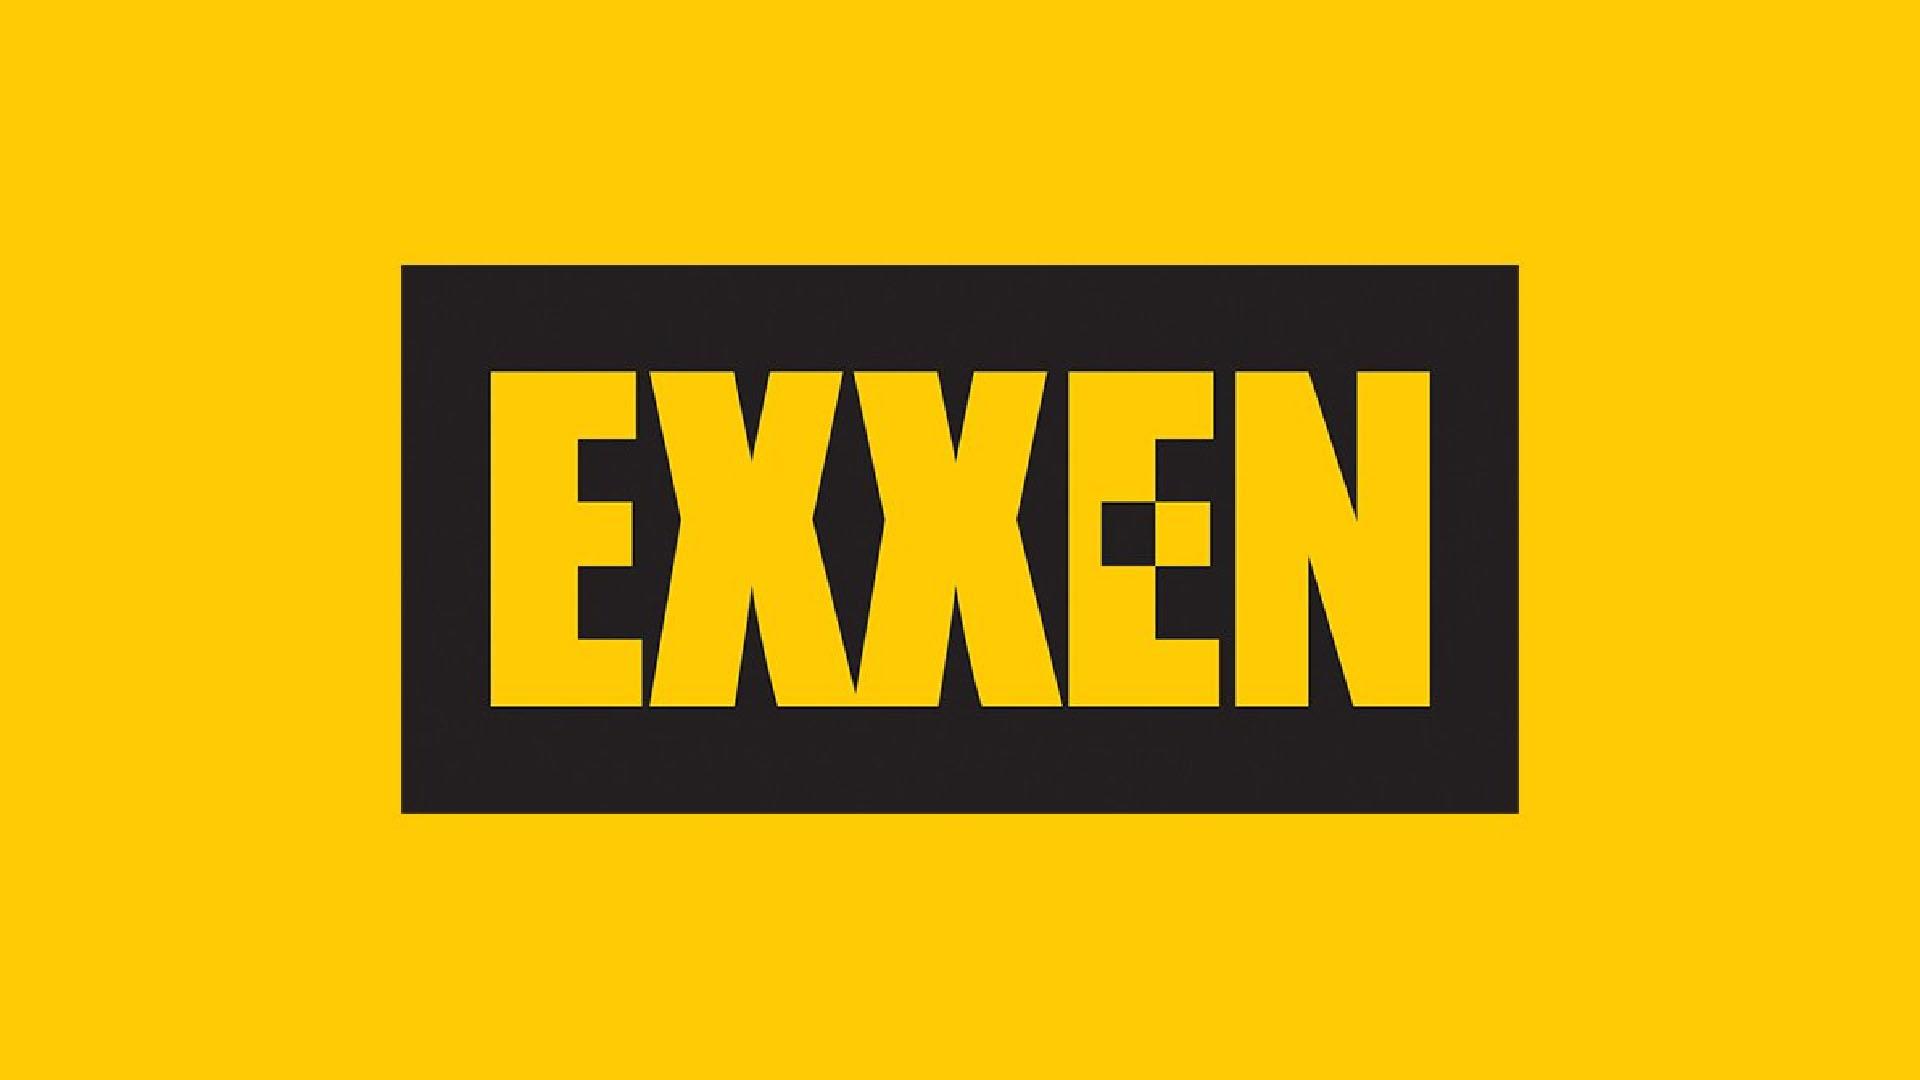 Exxen üyelik iptali nasıl yapılır, exxen hesap silme, exxen üyelik iptali